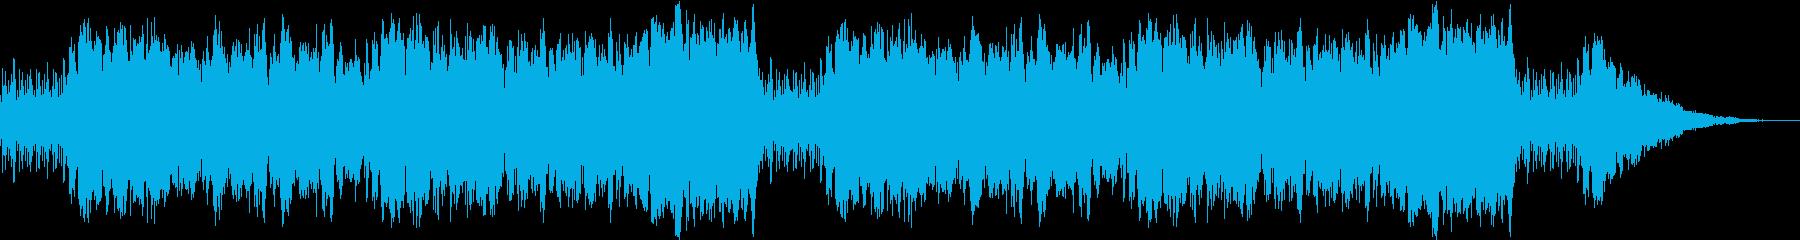 ハープの穏やかなリズムの楽曲の再生済みの波形